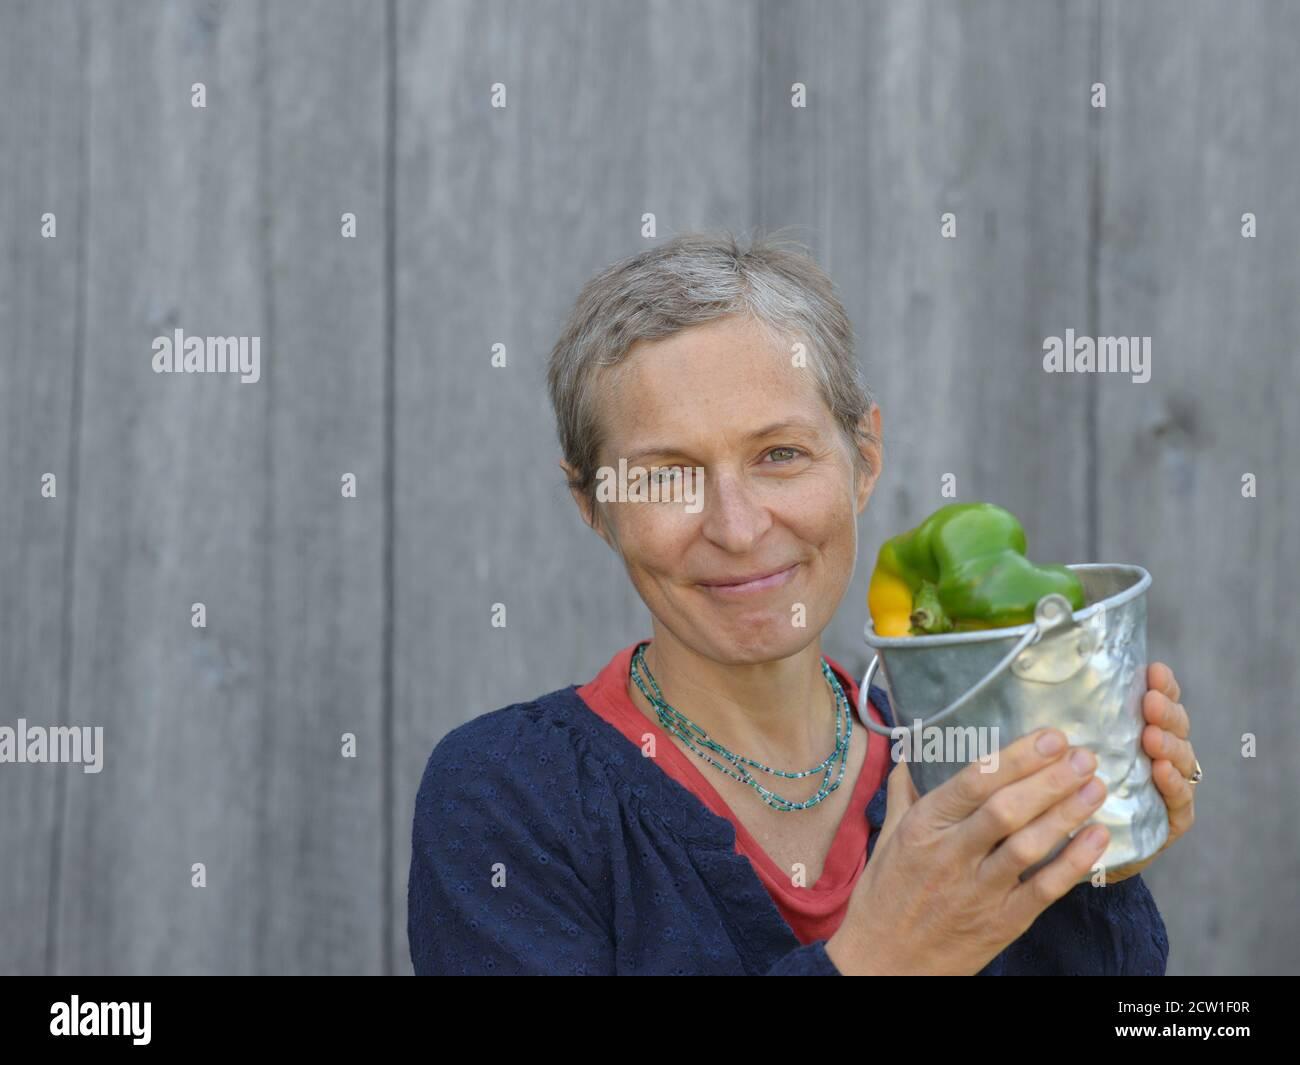 Mujer caucásica canadiense moderna de mediana edad con pelo corto muestra un pequeño cubo lleno de pimientos orgánicos grandes de origen casero. Foto de stock